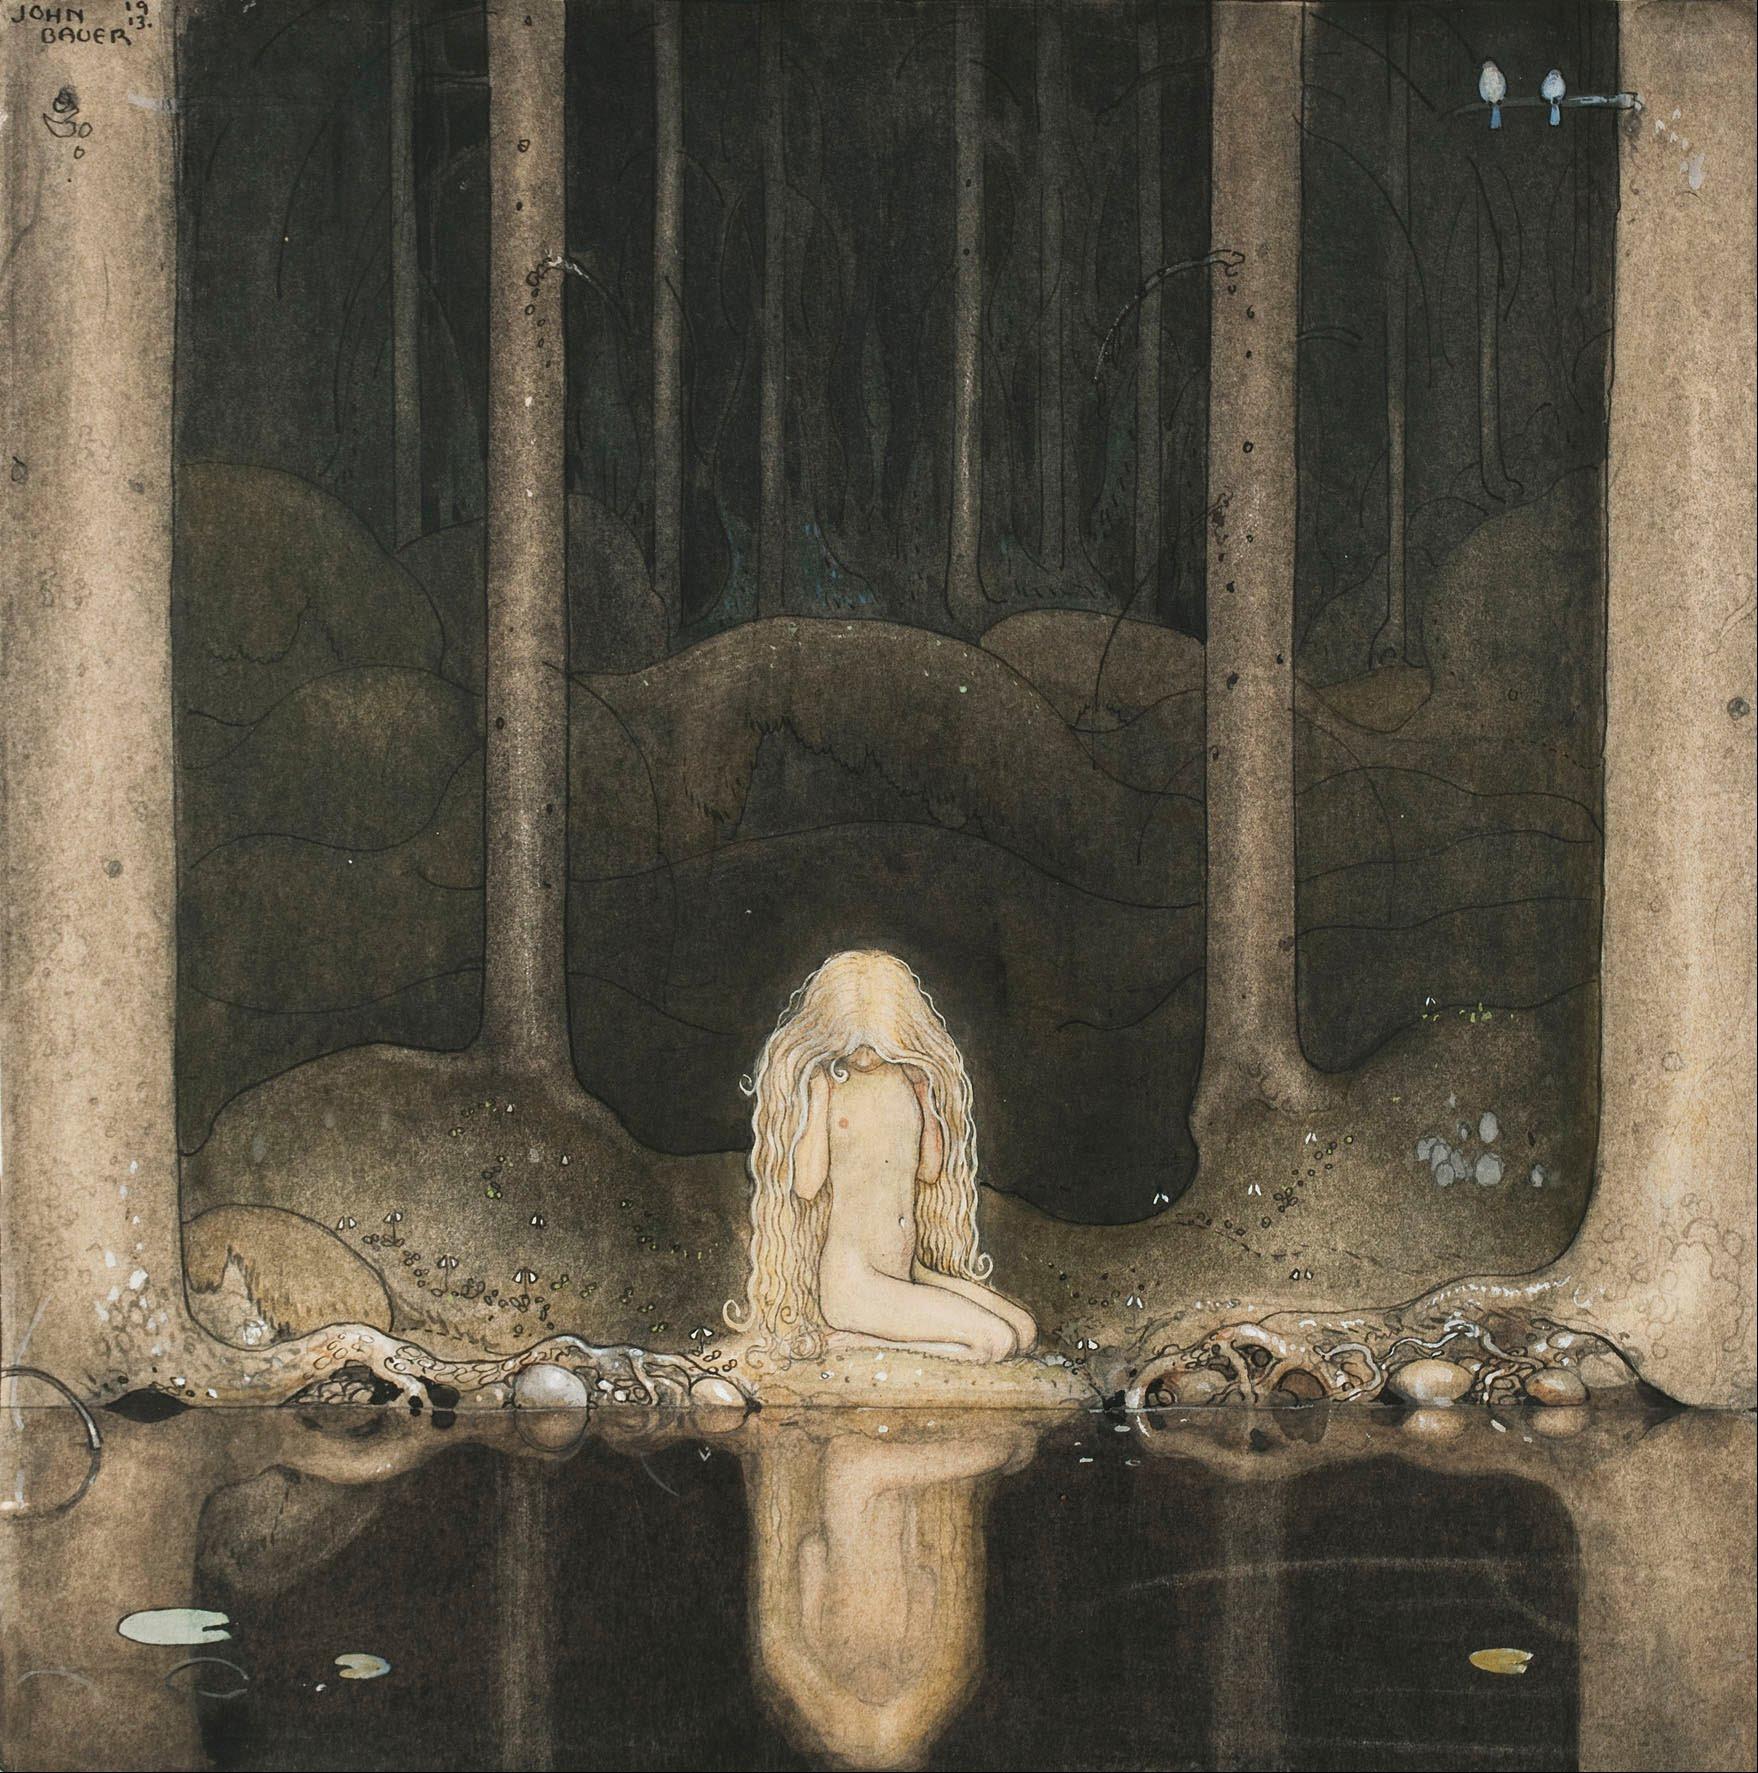 John Bauer - Bland Tomtar och Troll - Sagan om älgtjuren Skutt och lilla prinsessan Tuvstarr -1913